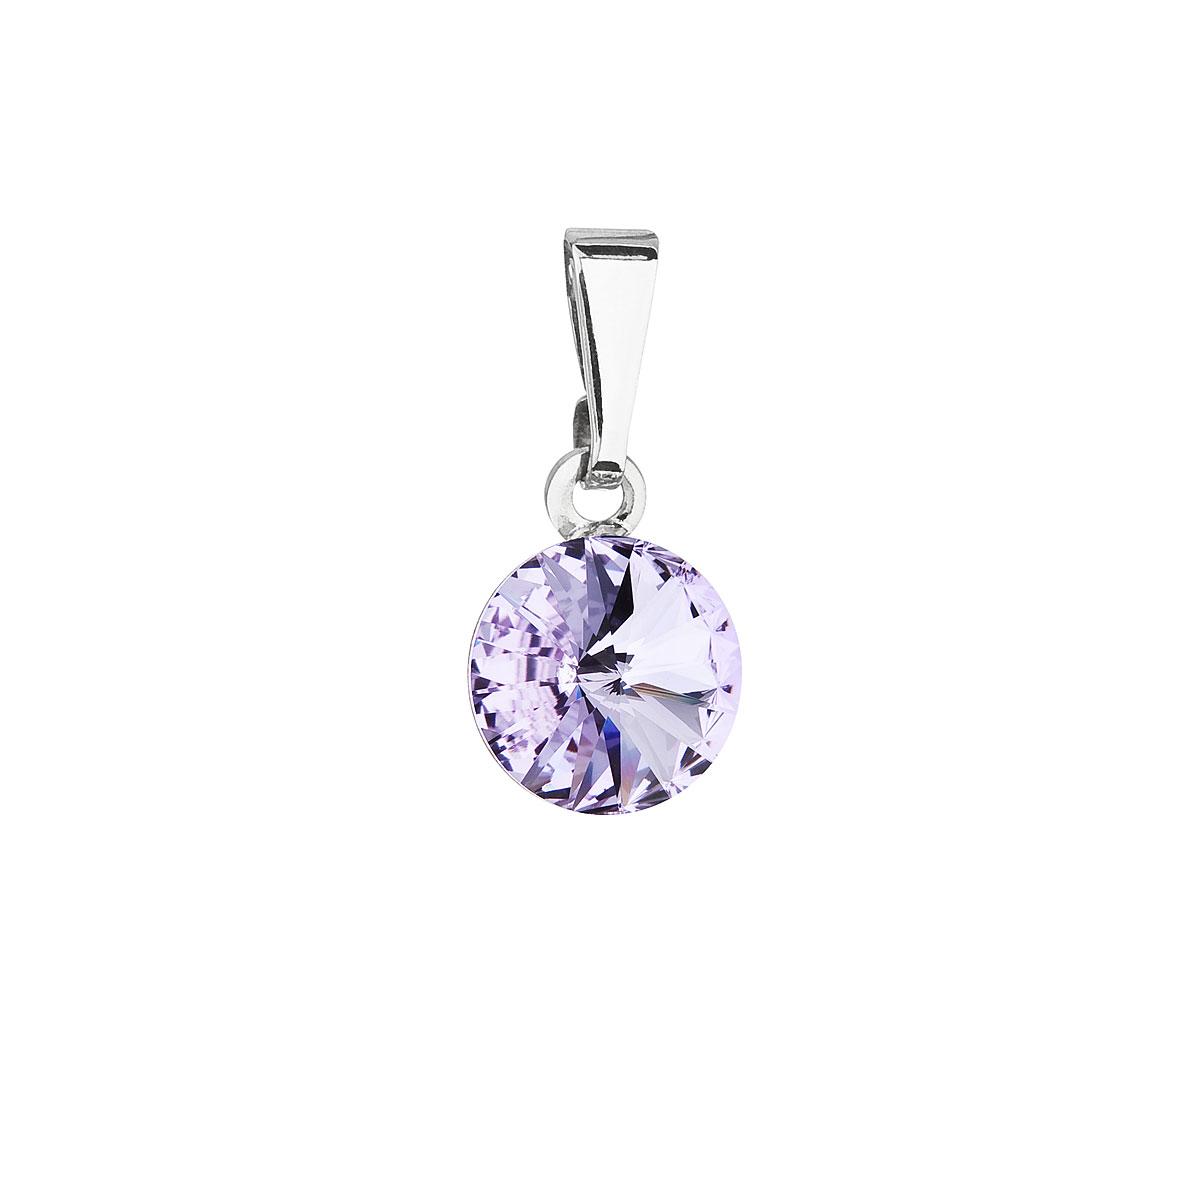 Evolution Group Přívěsek se Swarovski krystaly fialový kulatý 54018.3 violet